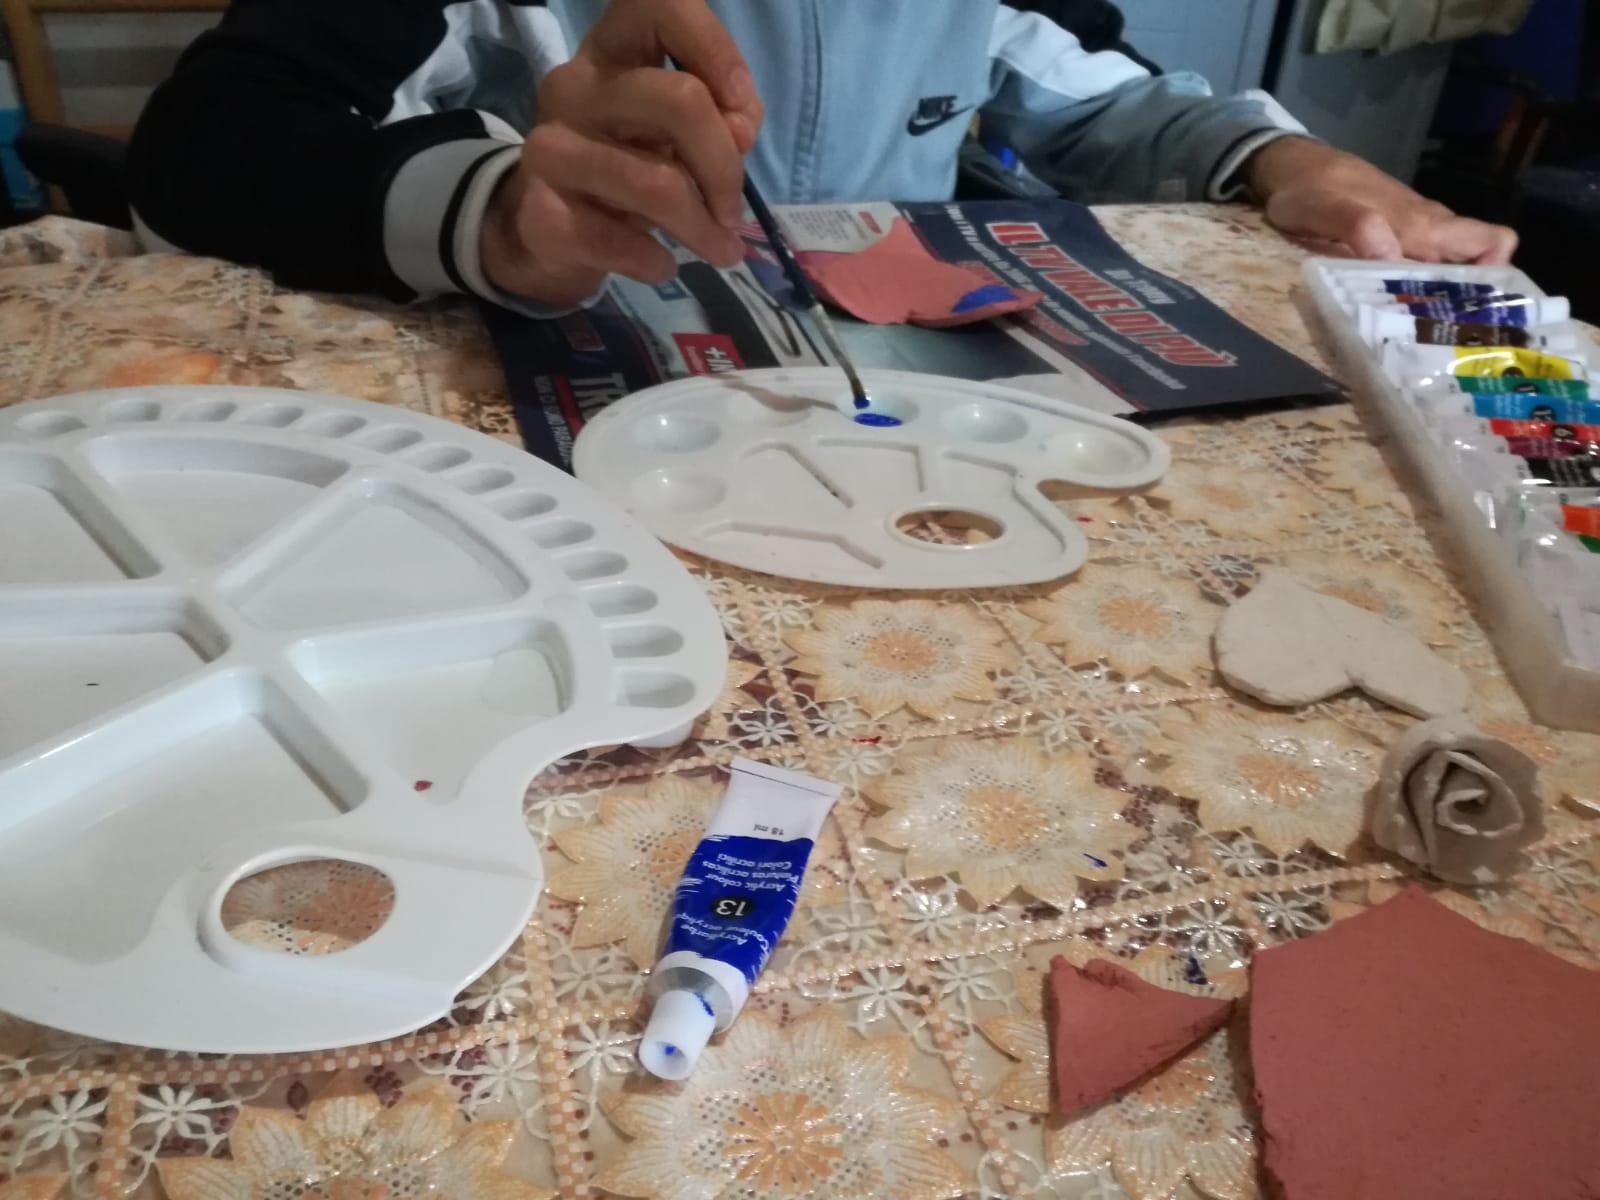 servizio civile - un ragazzo che pittura